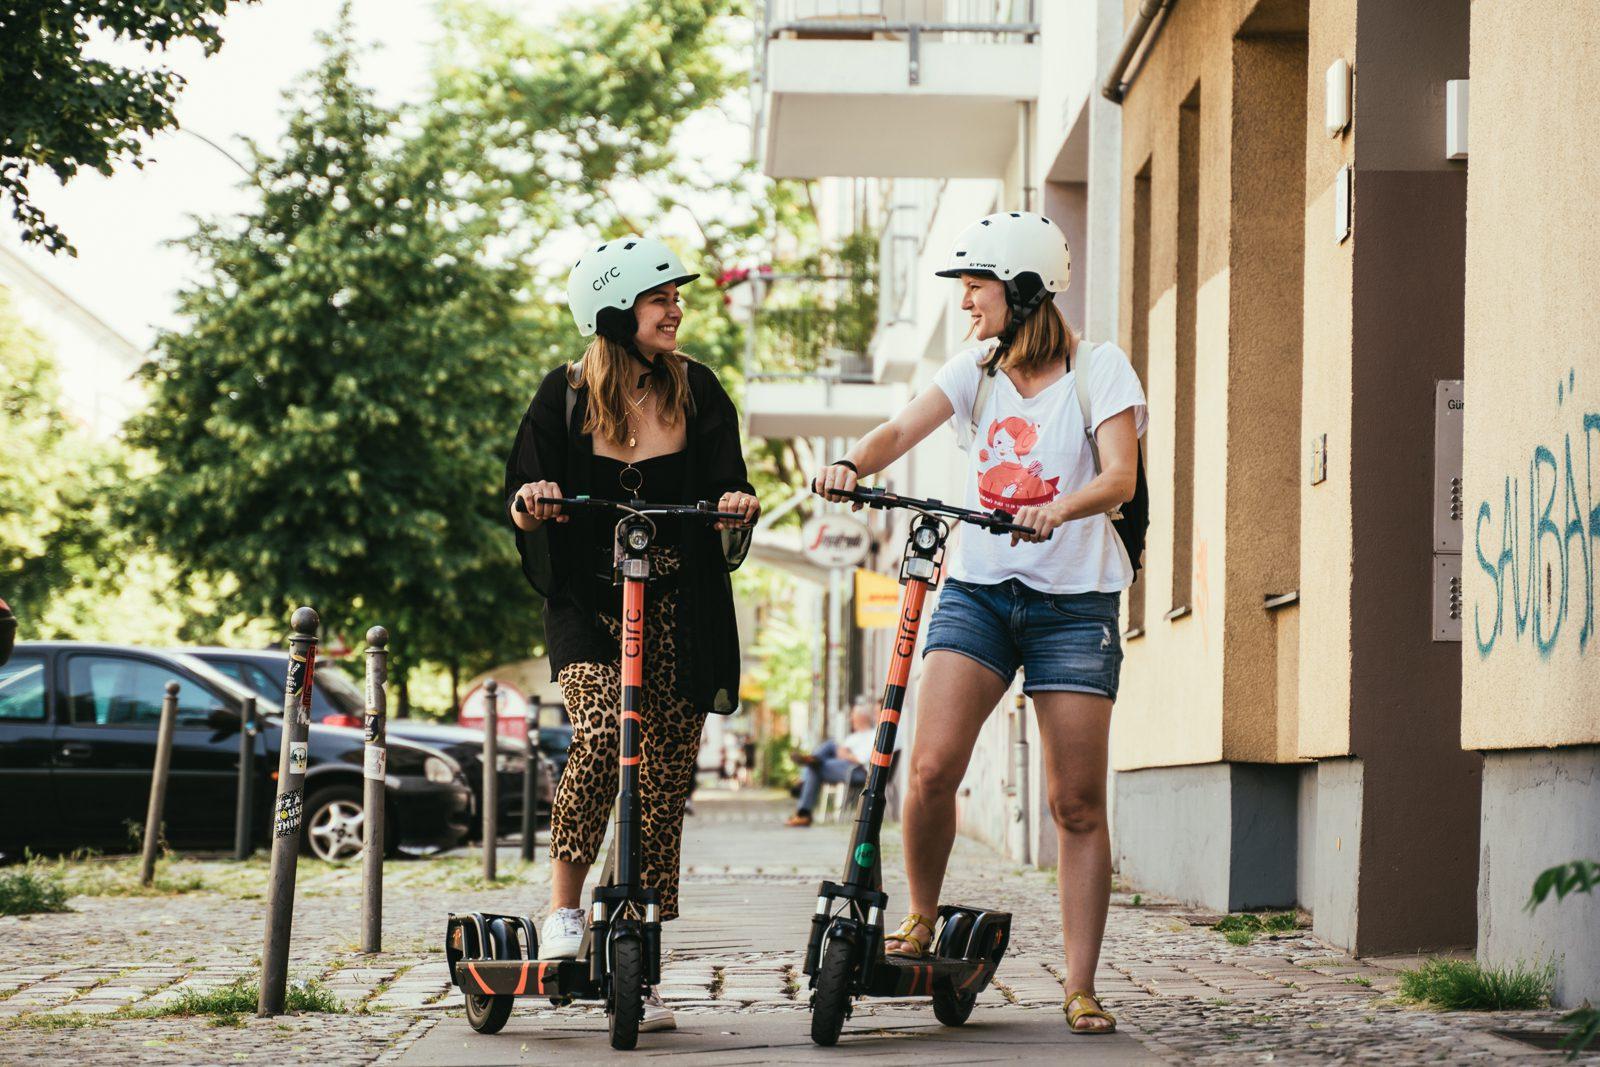 Zwei Frauen steigen auf einen E-Scooter.